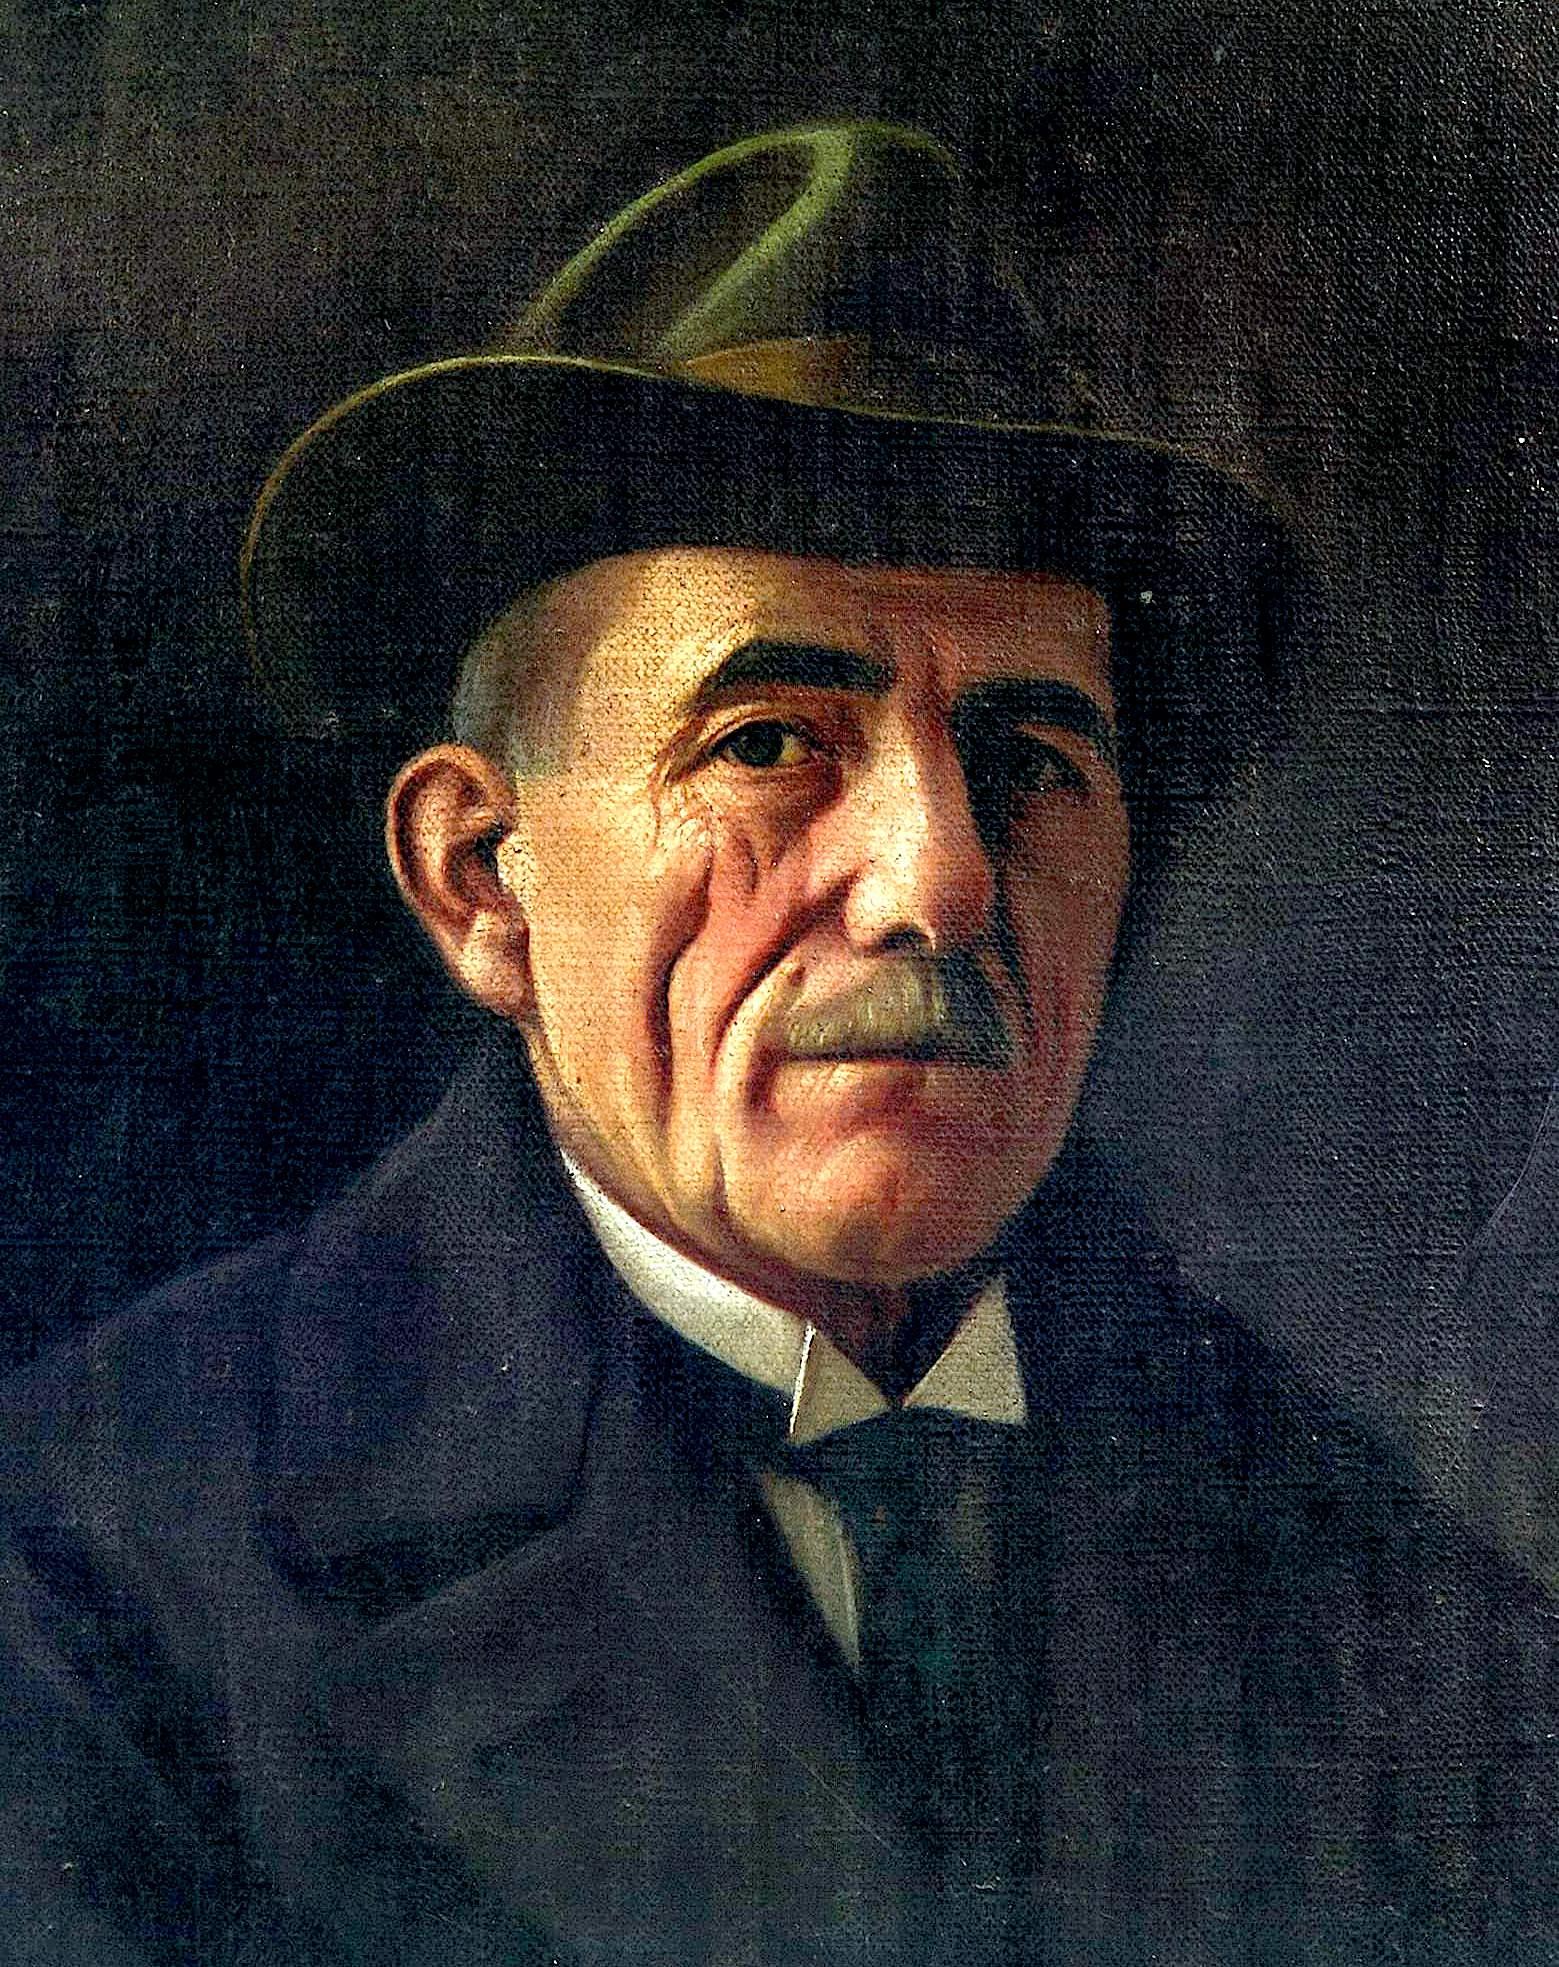 Kol Idromeno - Autoportret